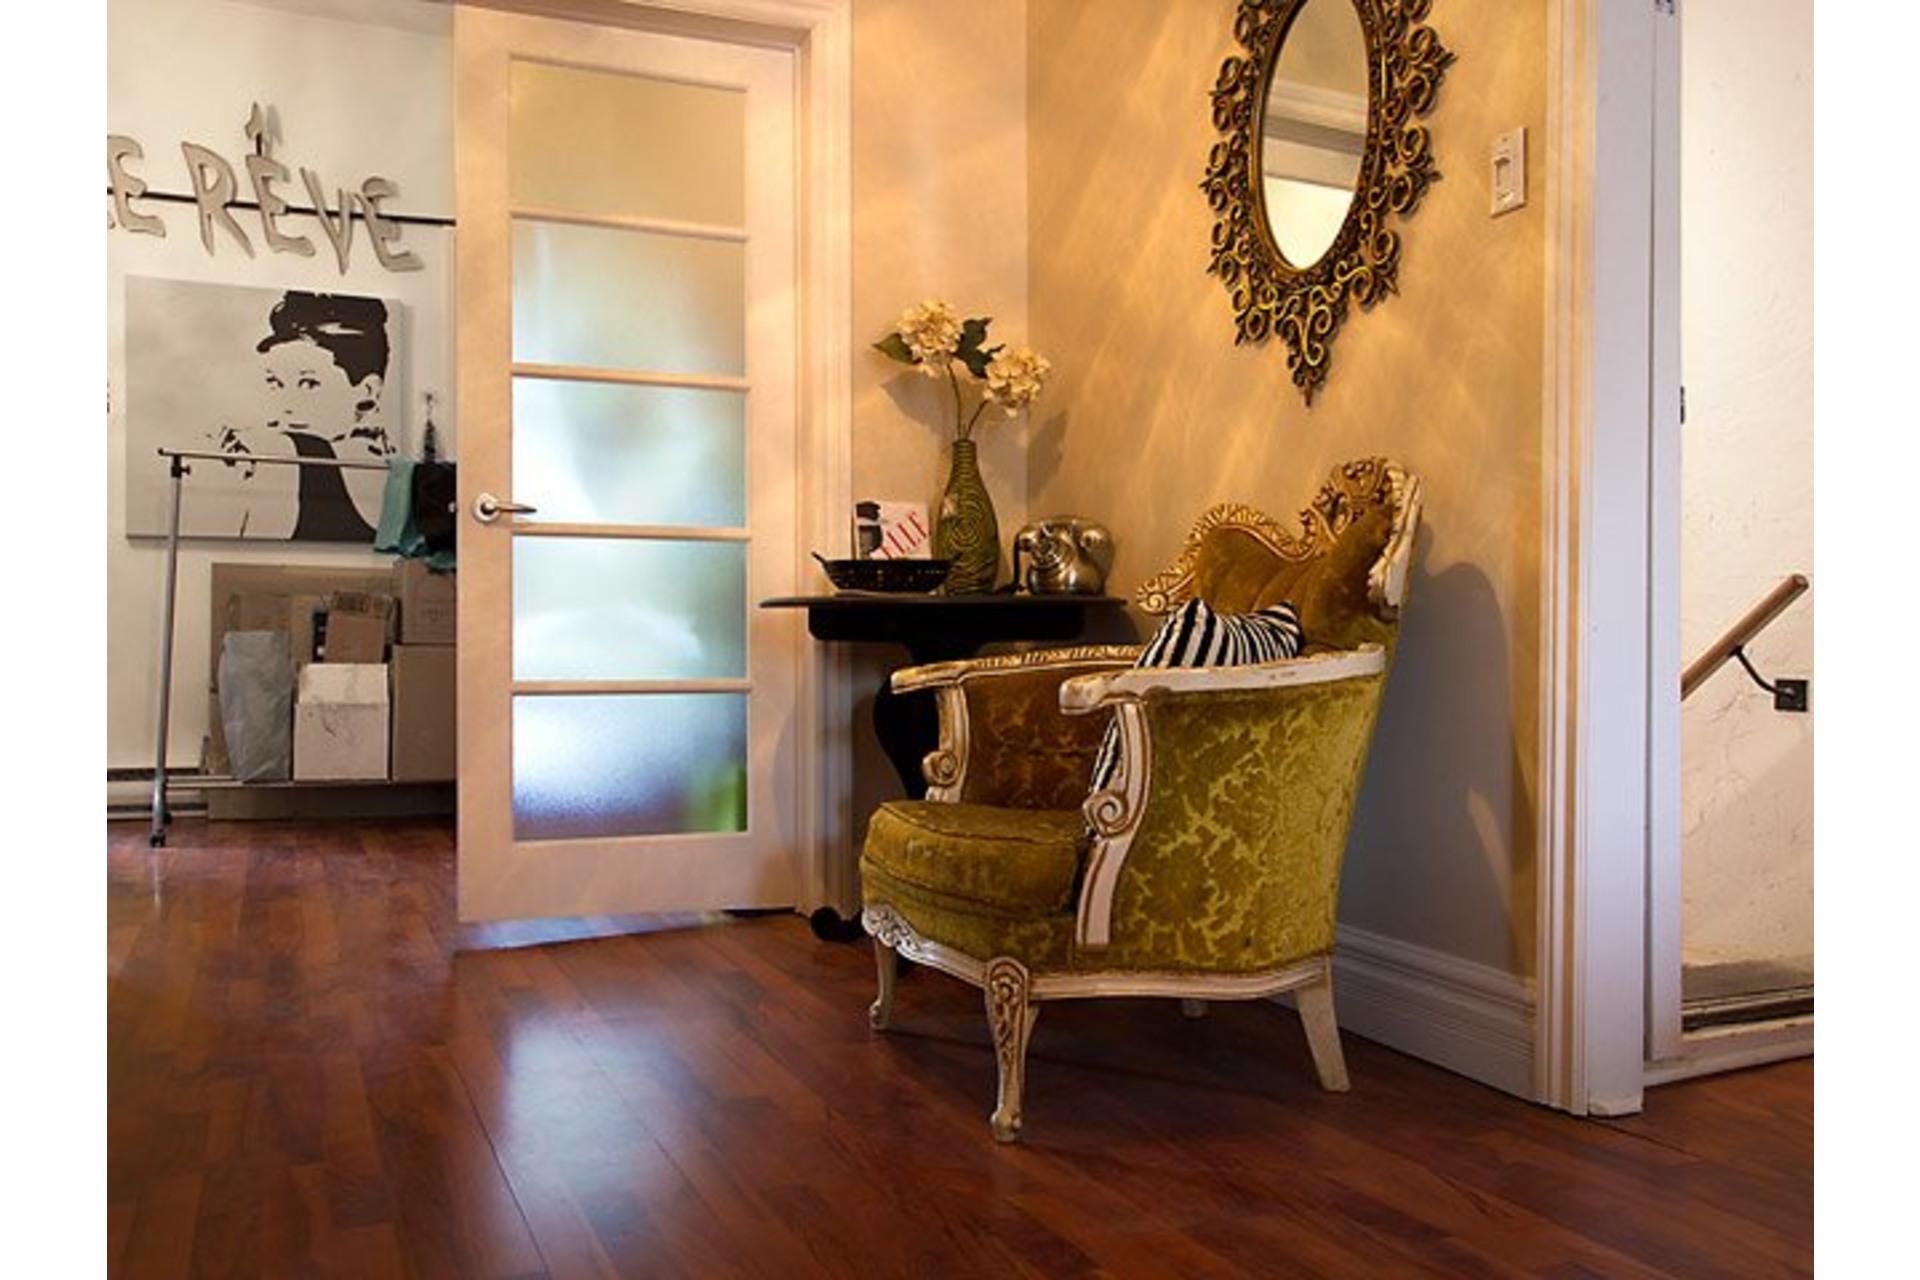 image 33 - Duplex For sale Le Sud-Ouest Montréal  - 5 rooms